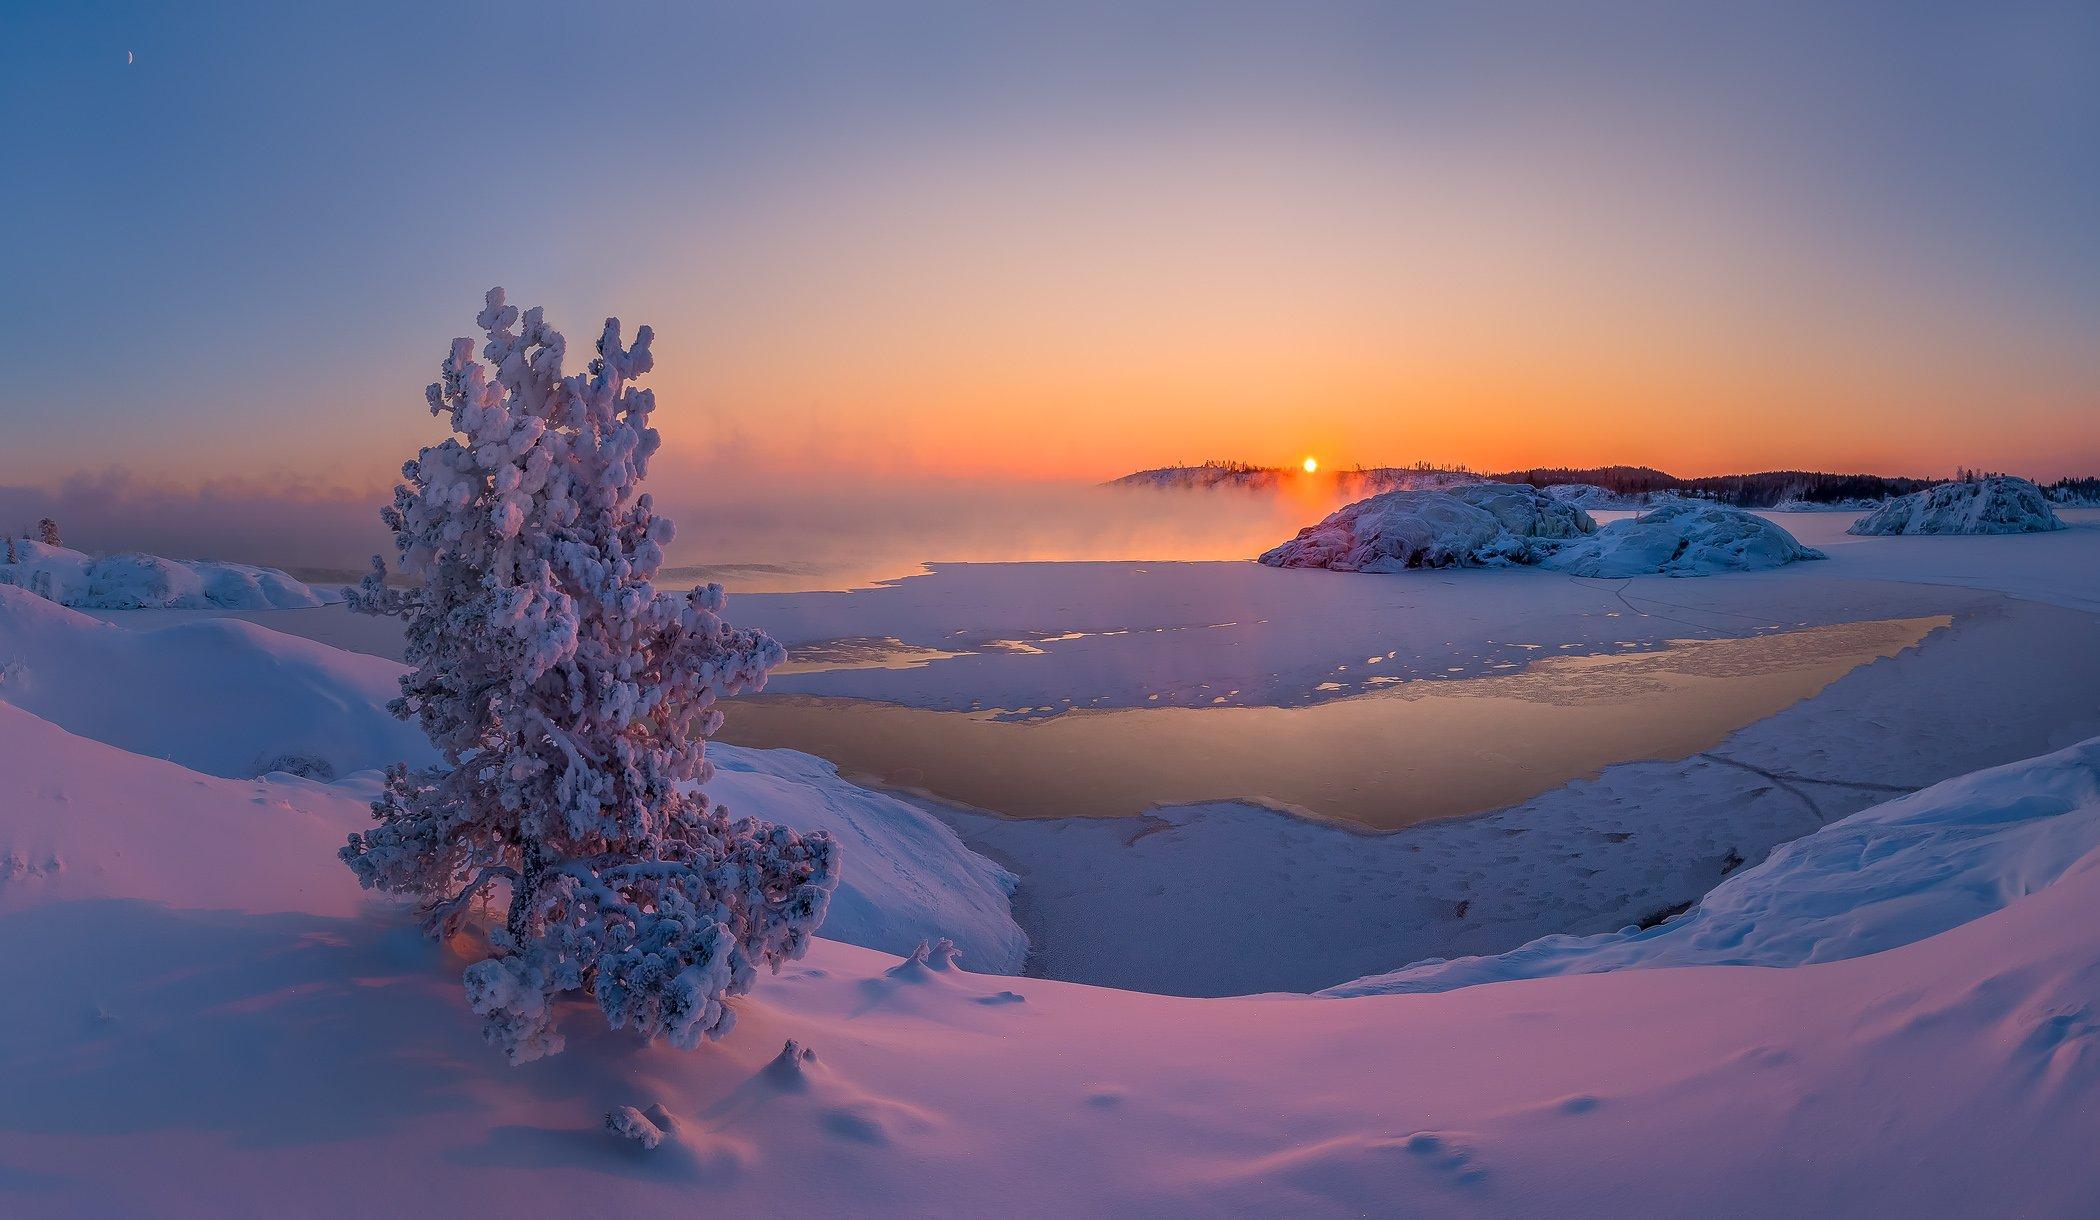 карелия, ладожское озеро, зима, мороз, шхеры, лёд, сосна, солнце, месяц, снег, остров., Лашков Фёдор